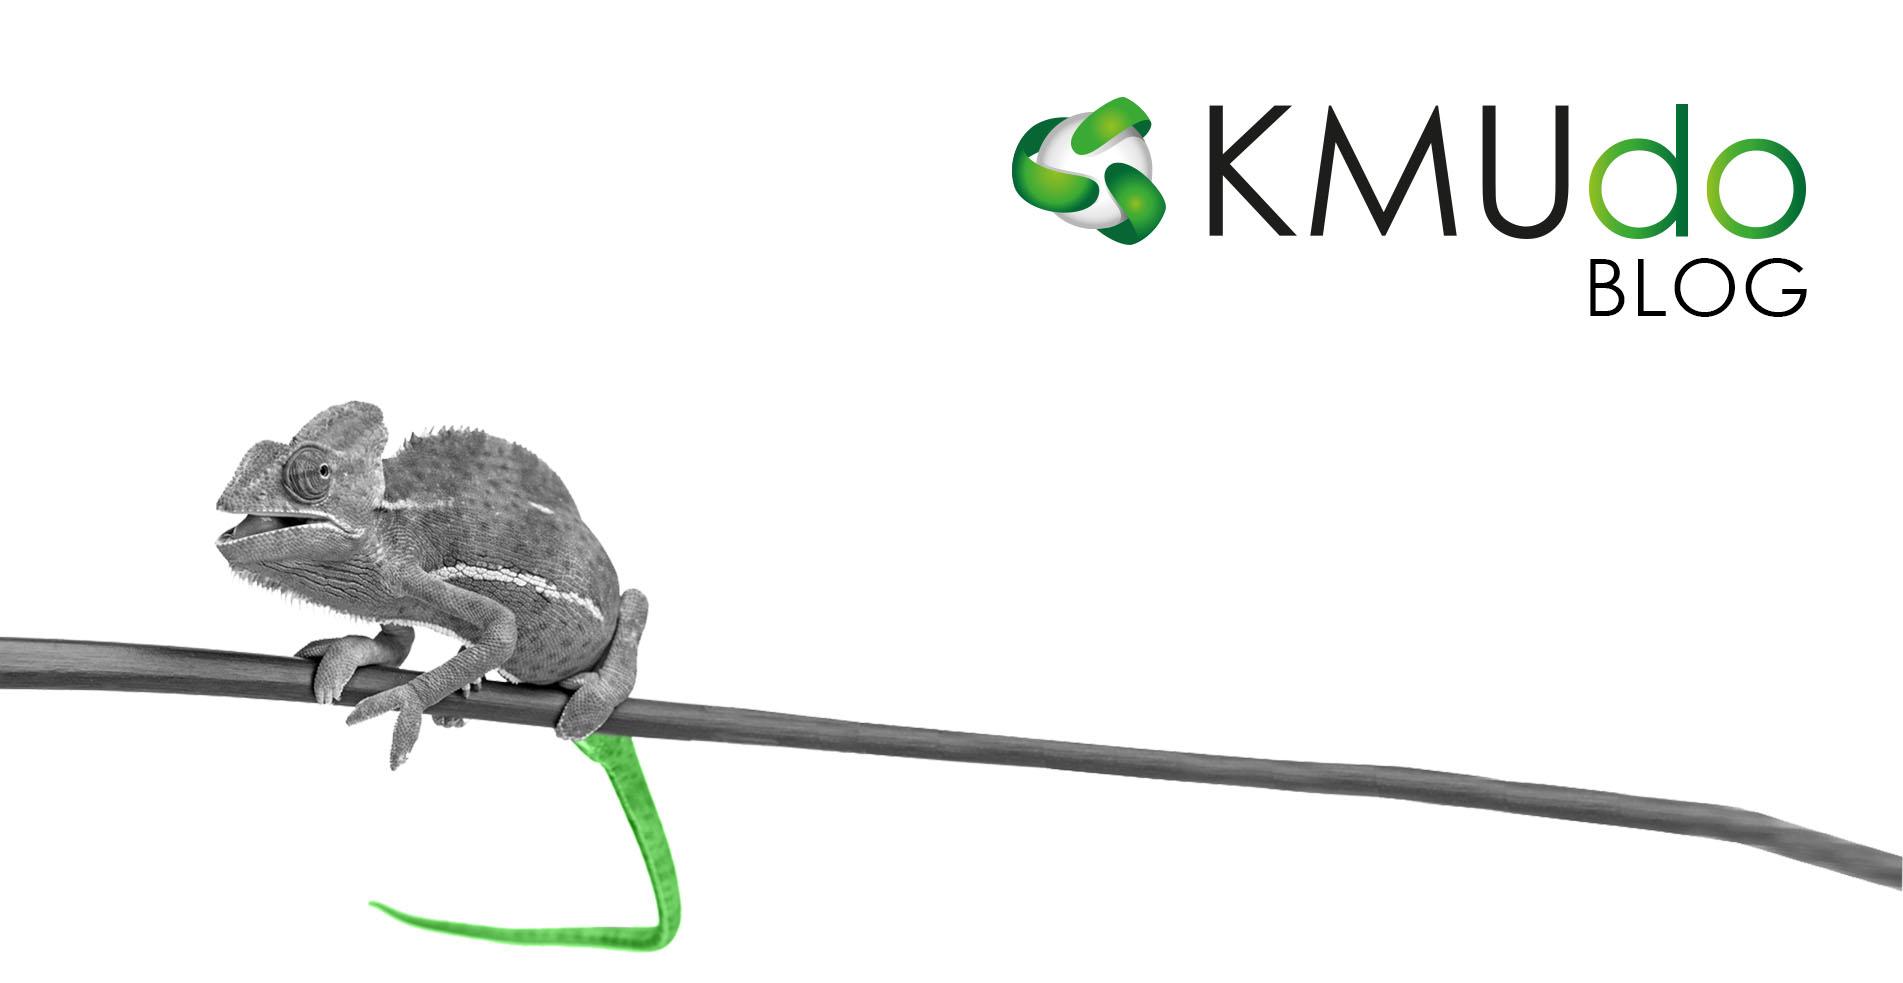 KMUdo Blog